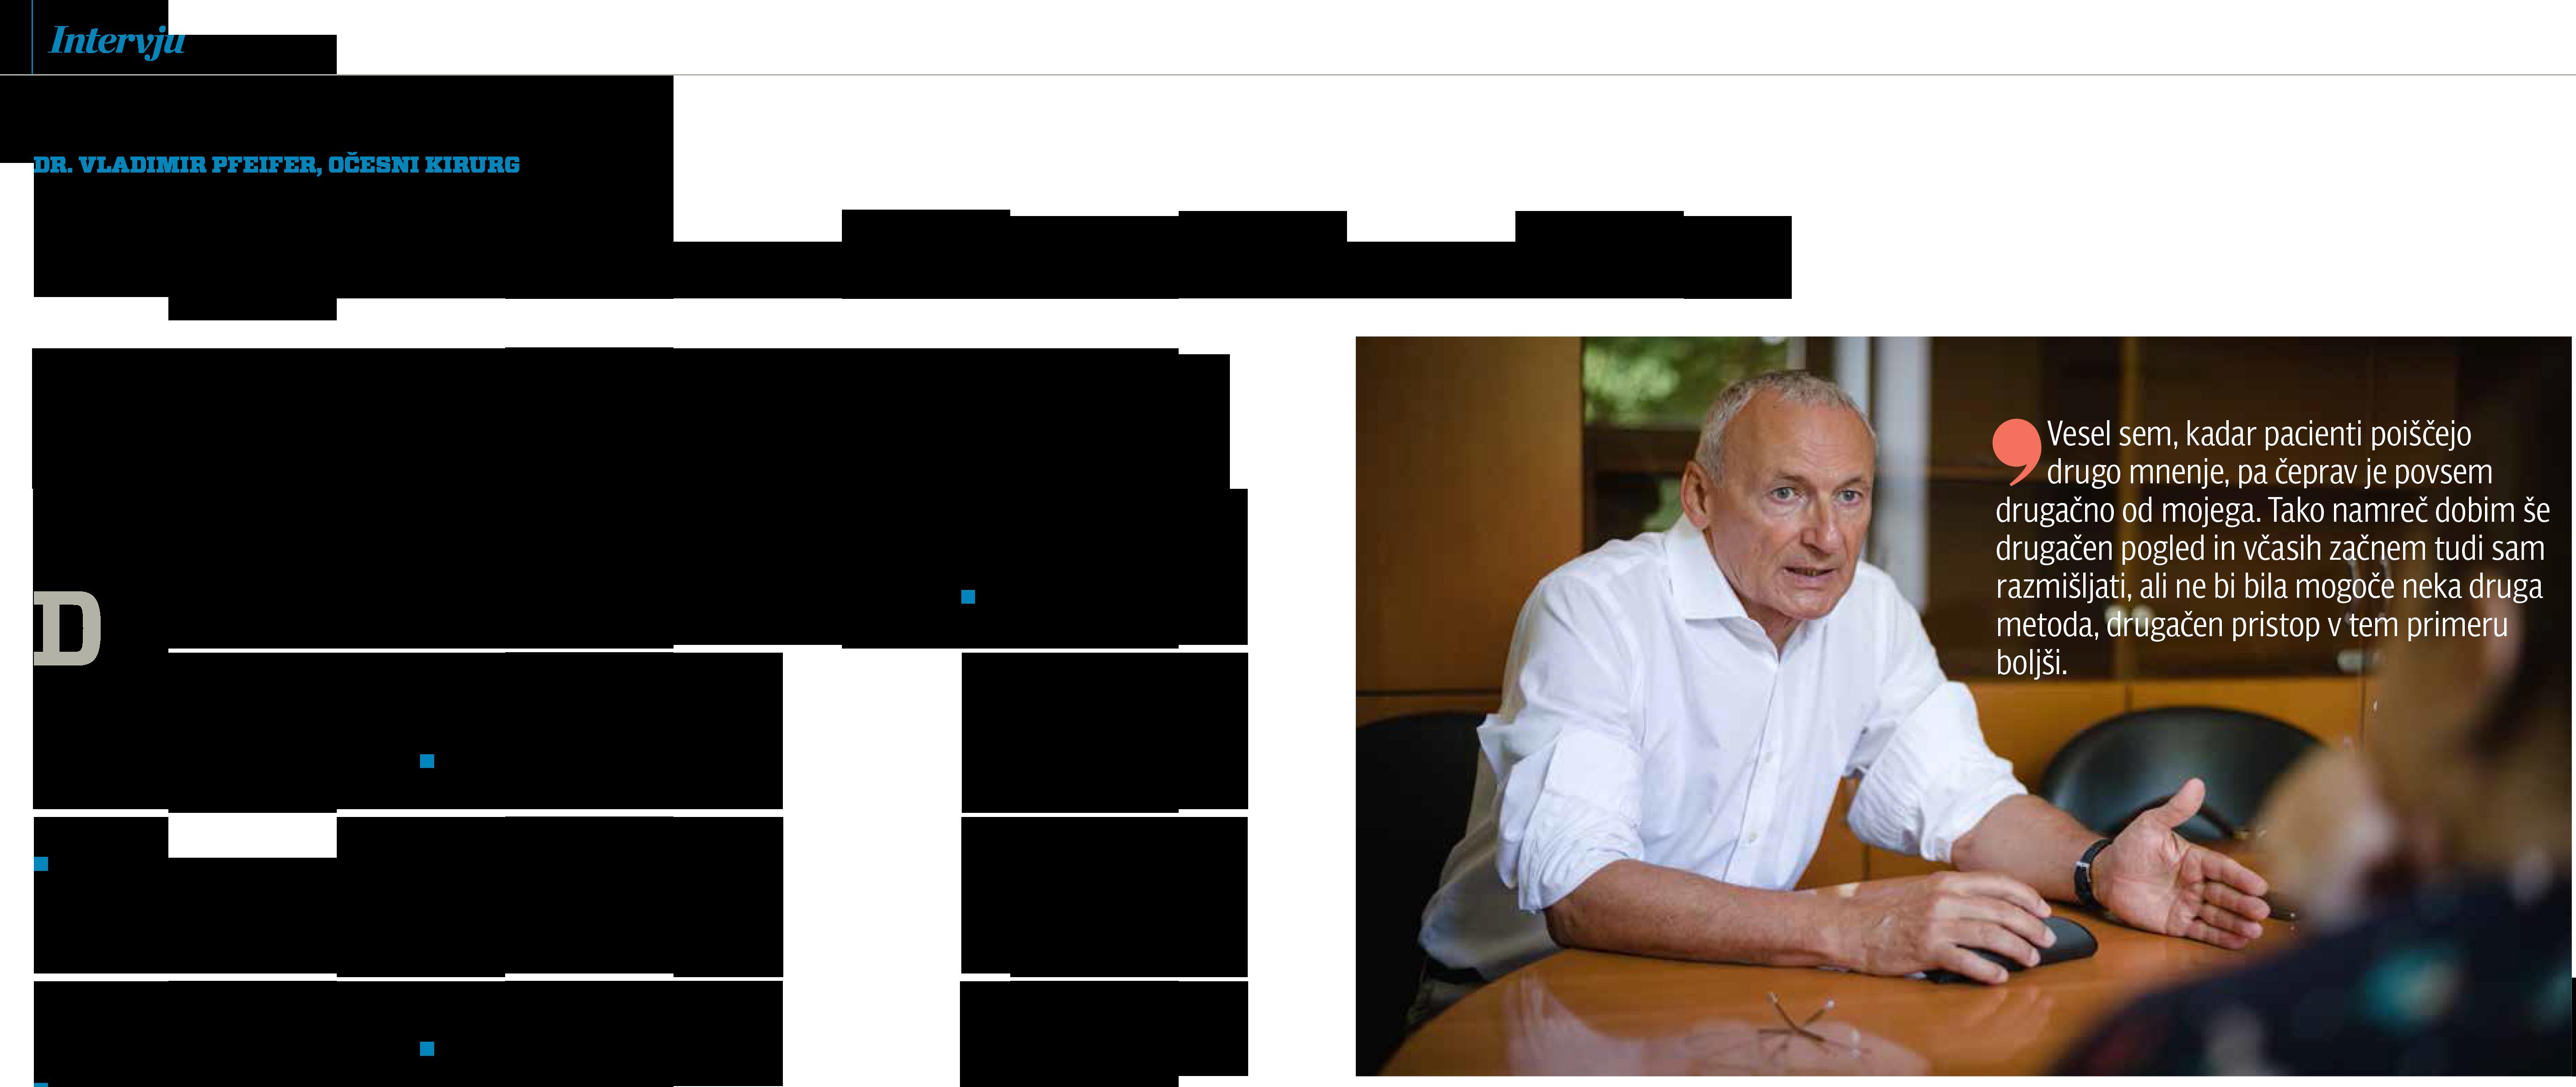 MEDICINA Danes - Intervju z DR. Vladimirjem Pfeiferjem - september 2019